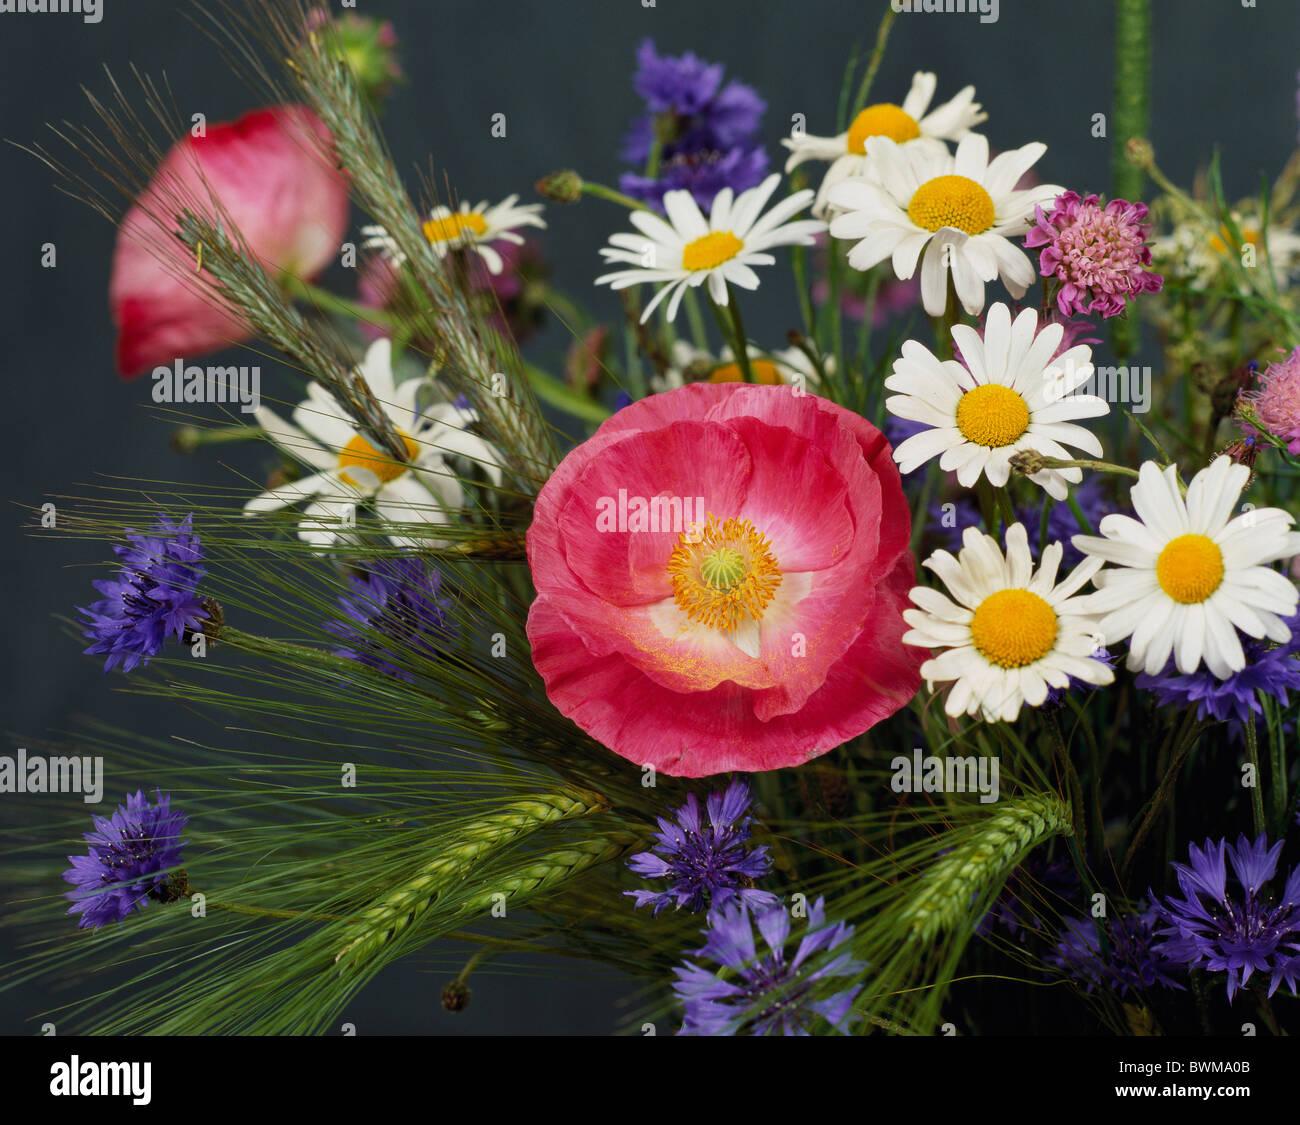 flowers bouquet meadow flowers cornflowers corn poppy poppy Stock ...